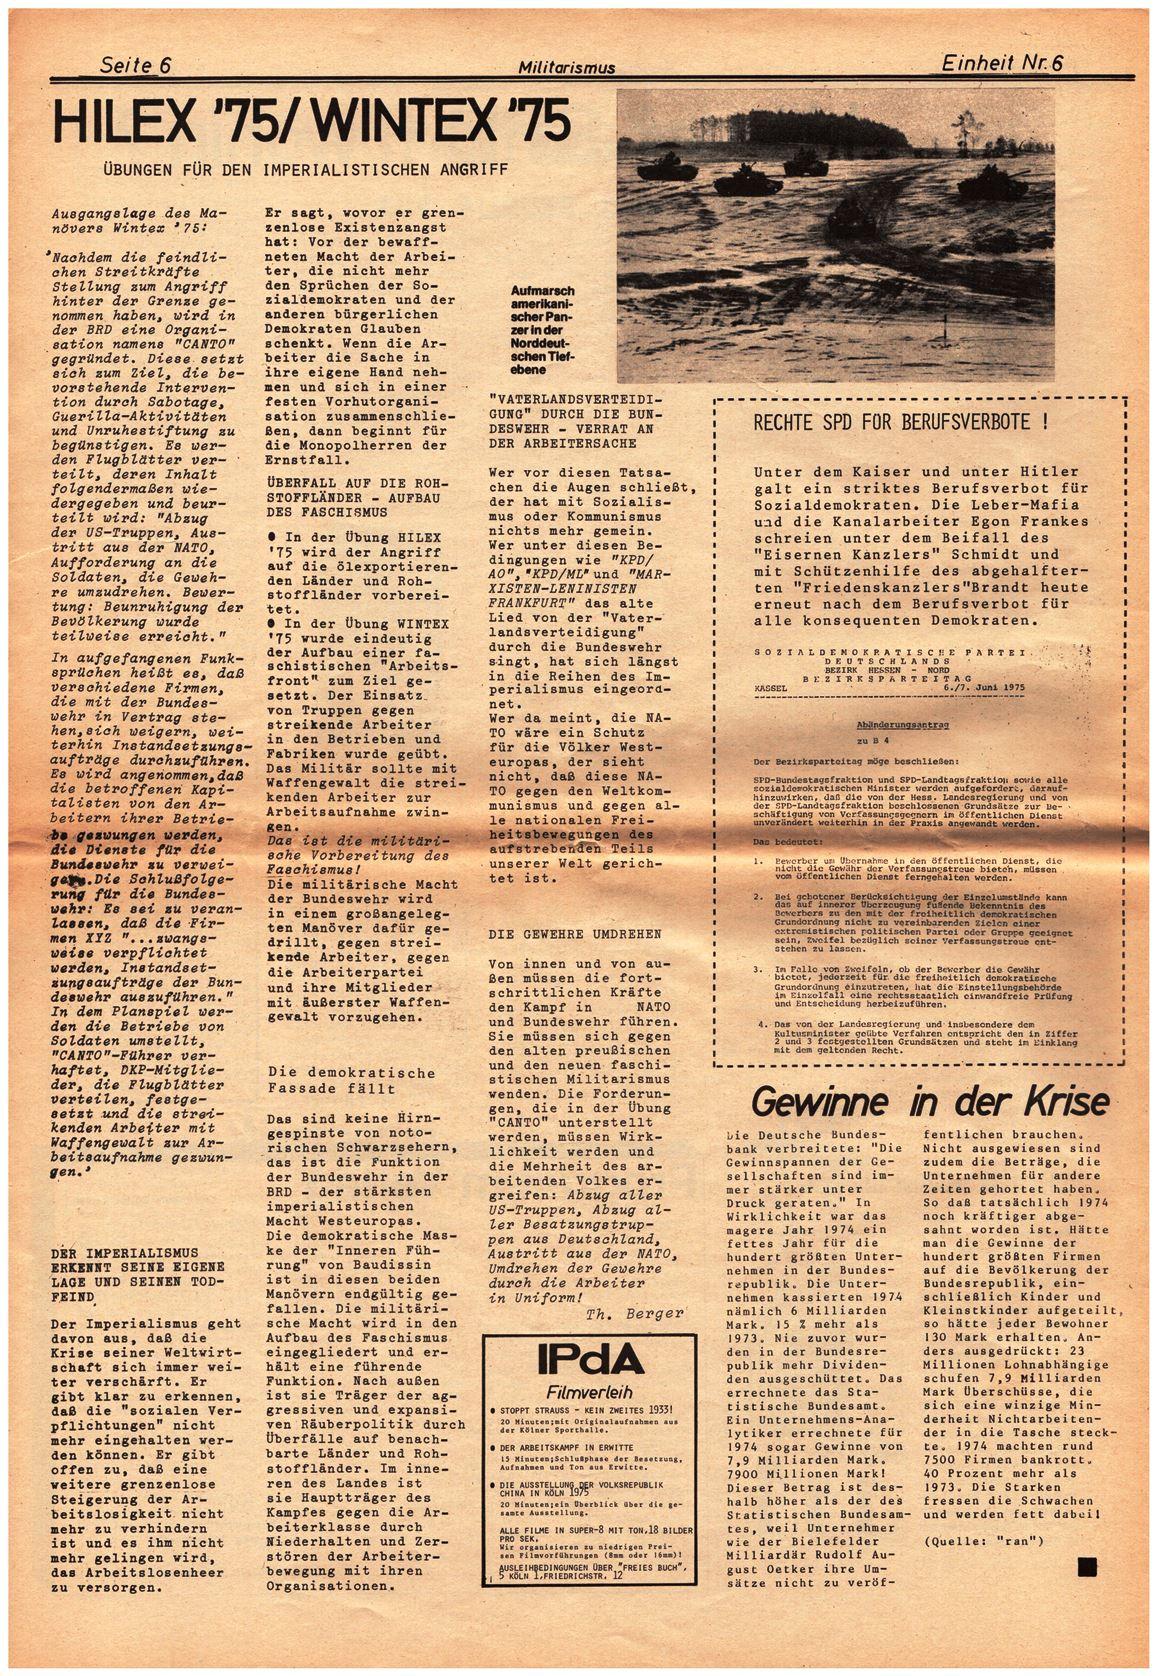 Koeln_IPdA_Einheit_1976_006_006